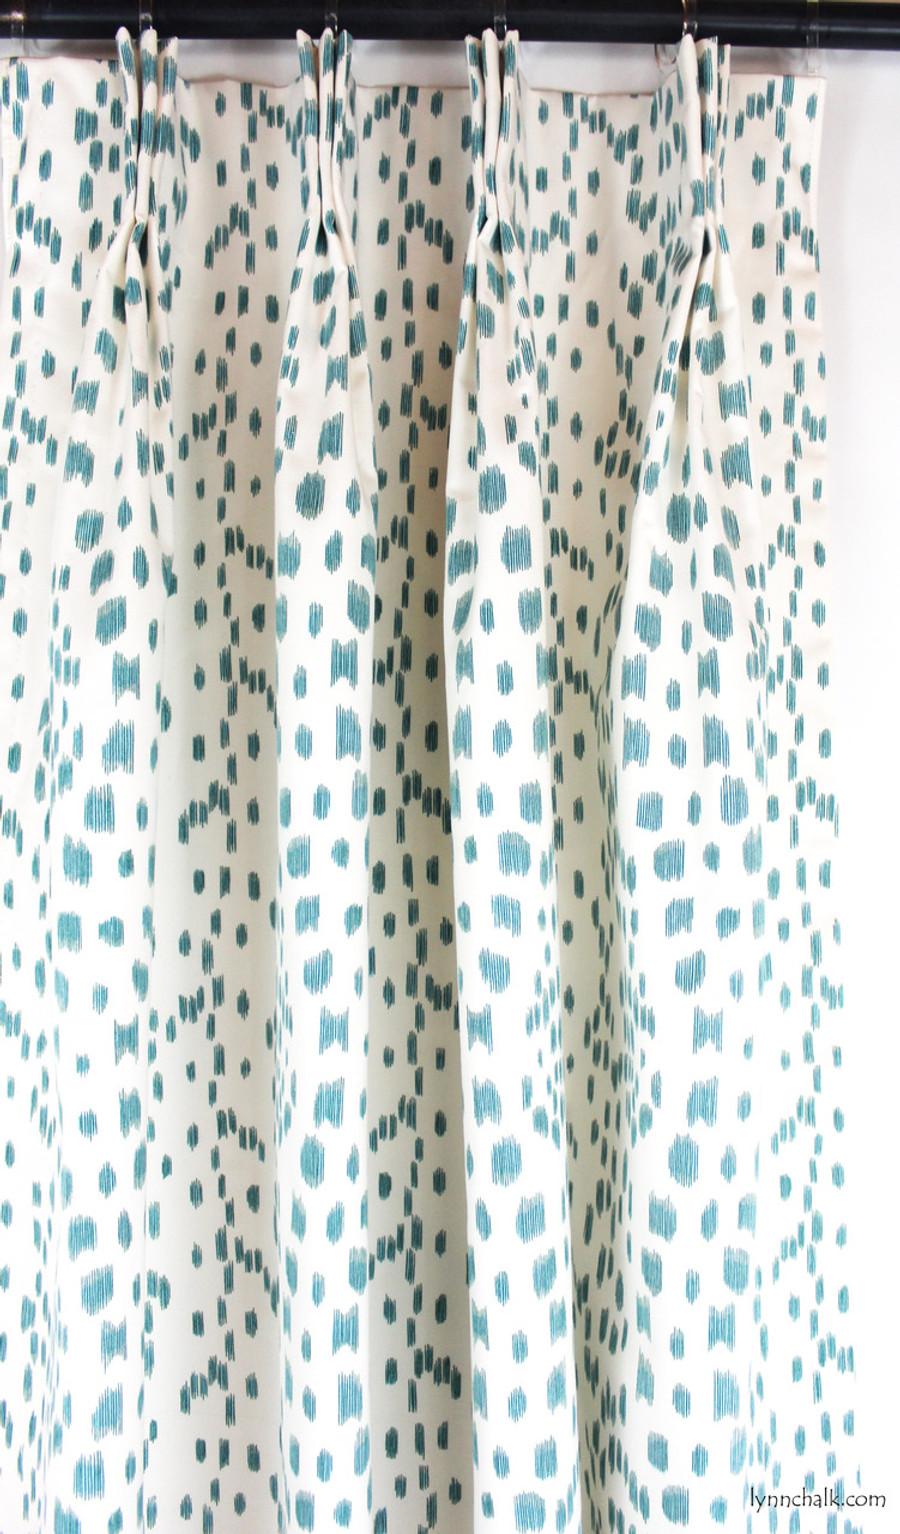 Custom Drapes in Les Touches in Aqua